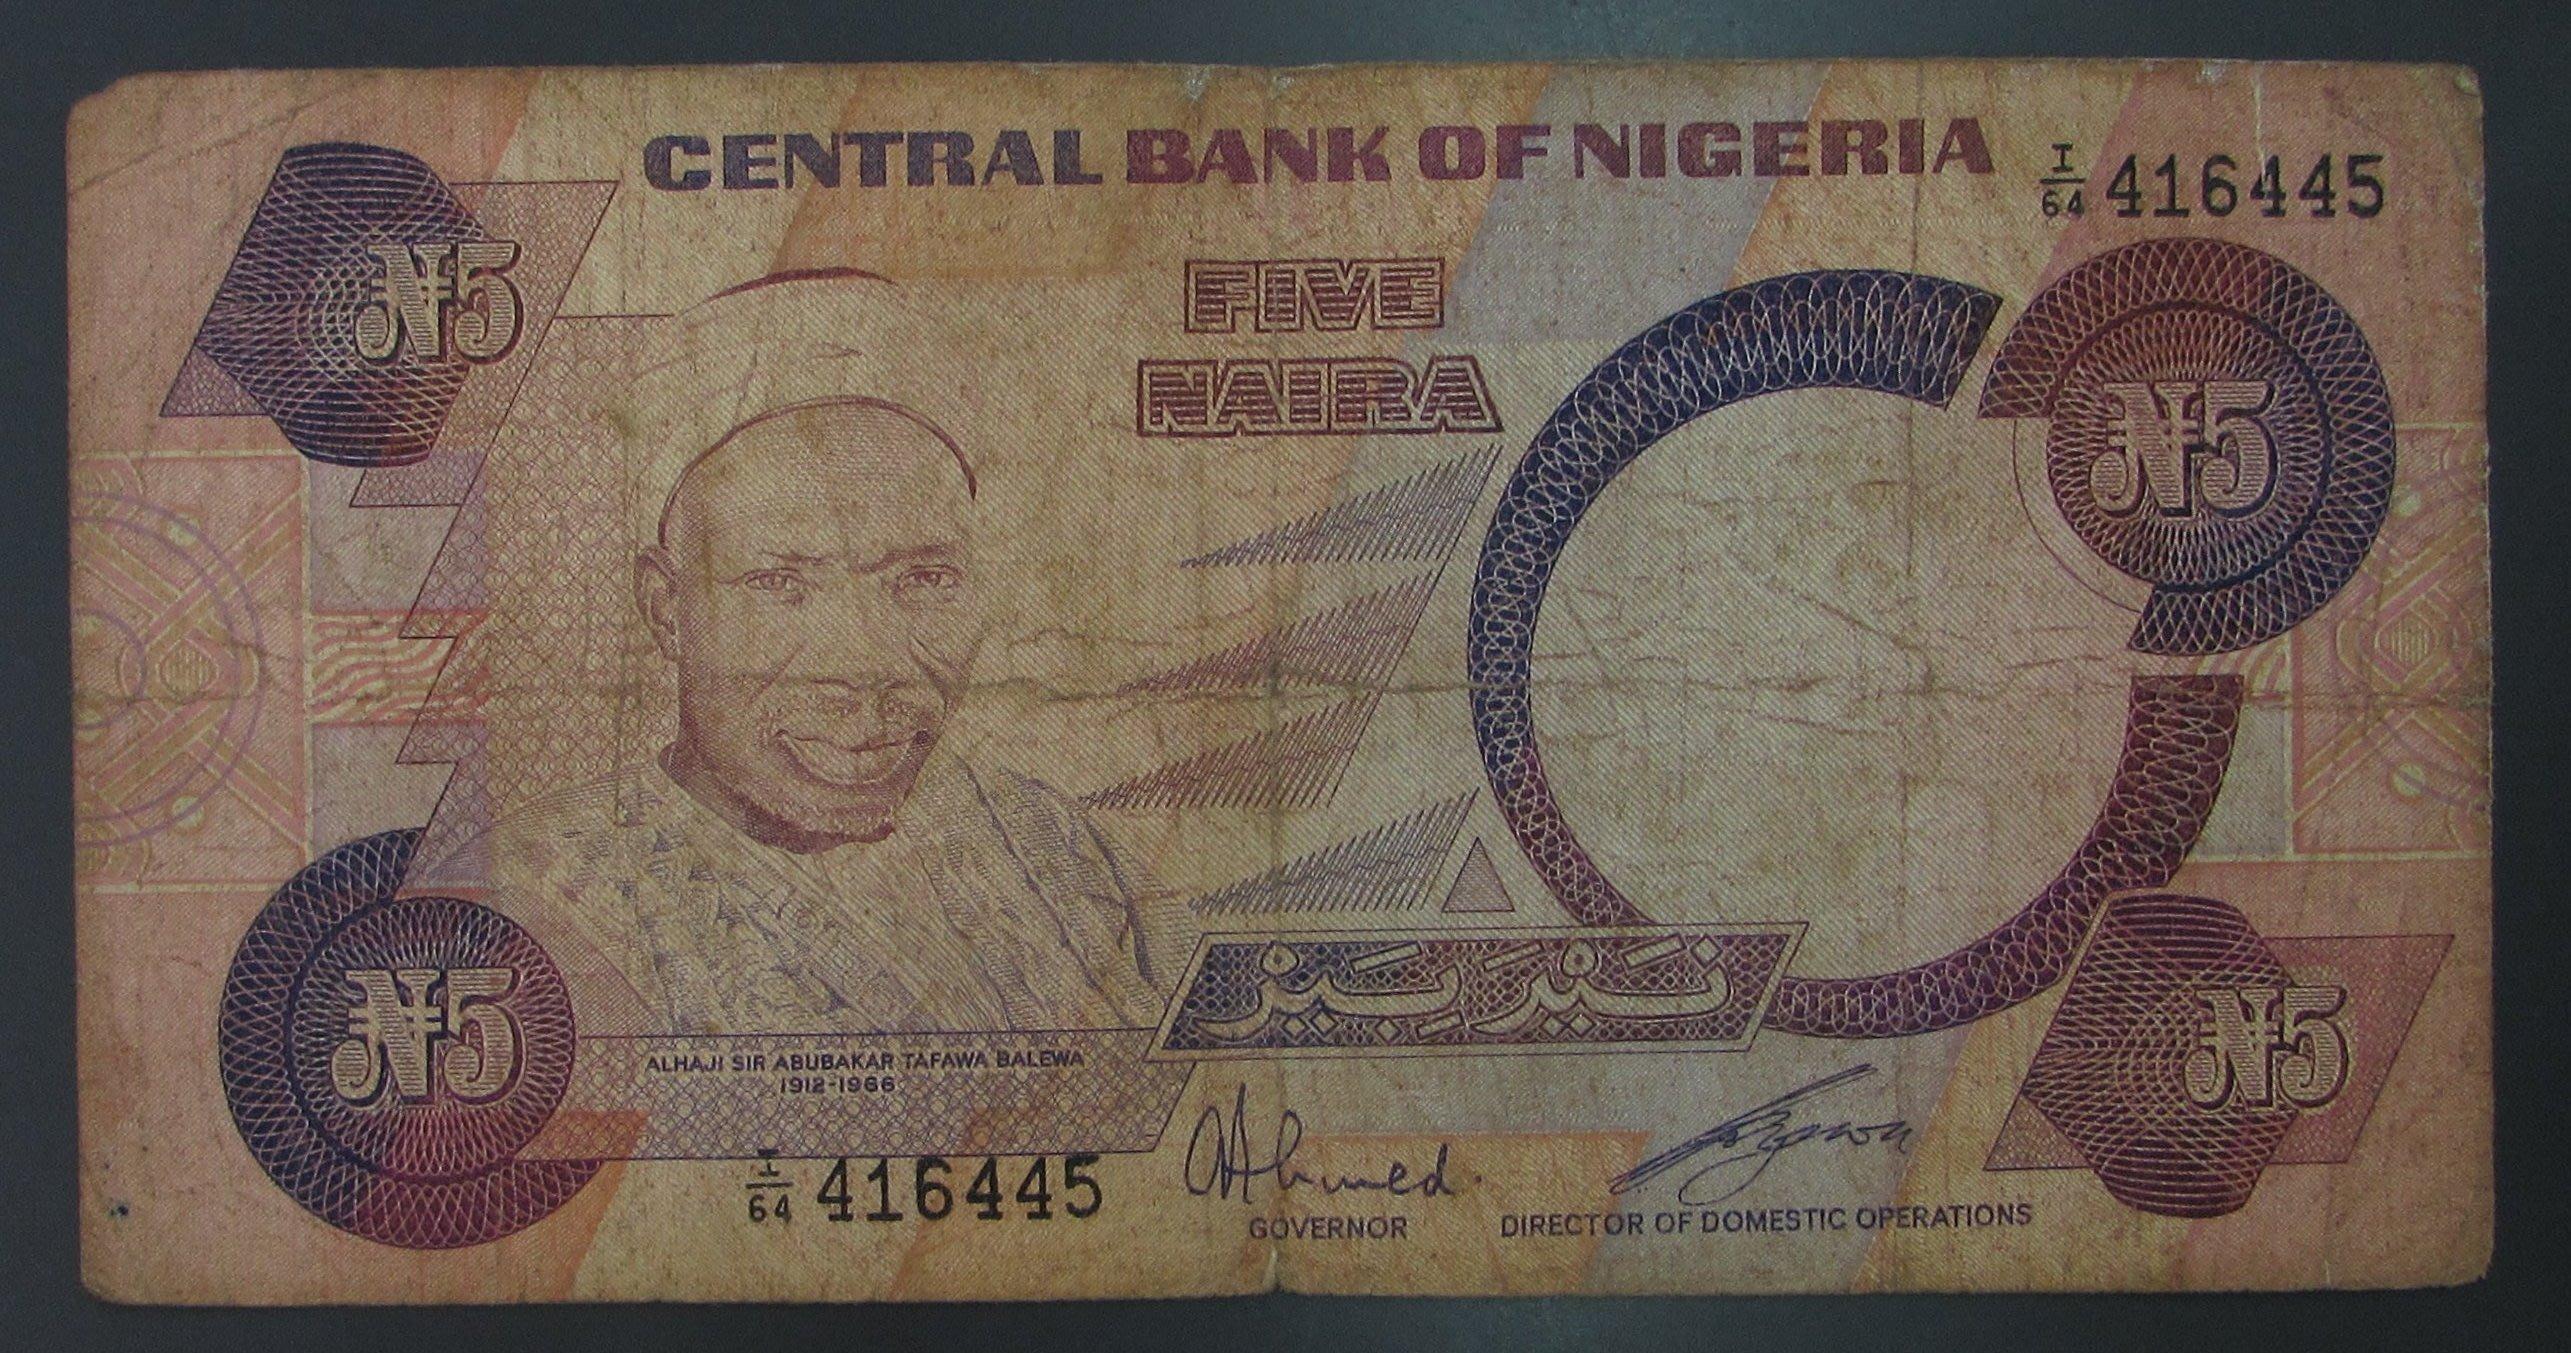 dp3406,奈及利亞(Nigeria ) 5 Naira 紙幣,有破。